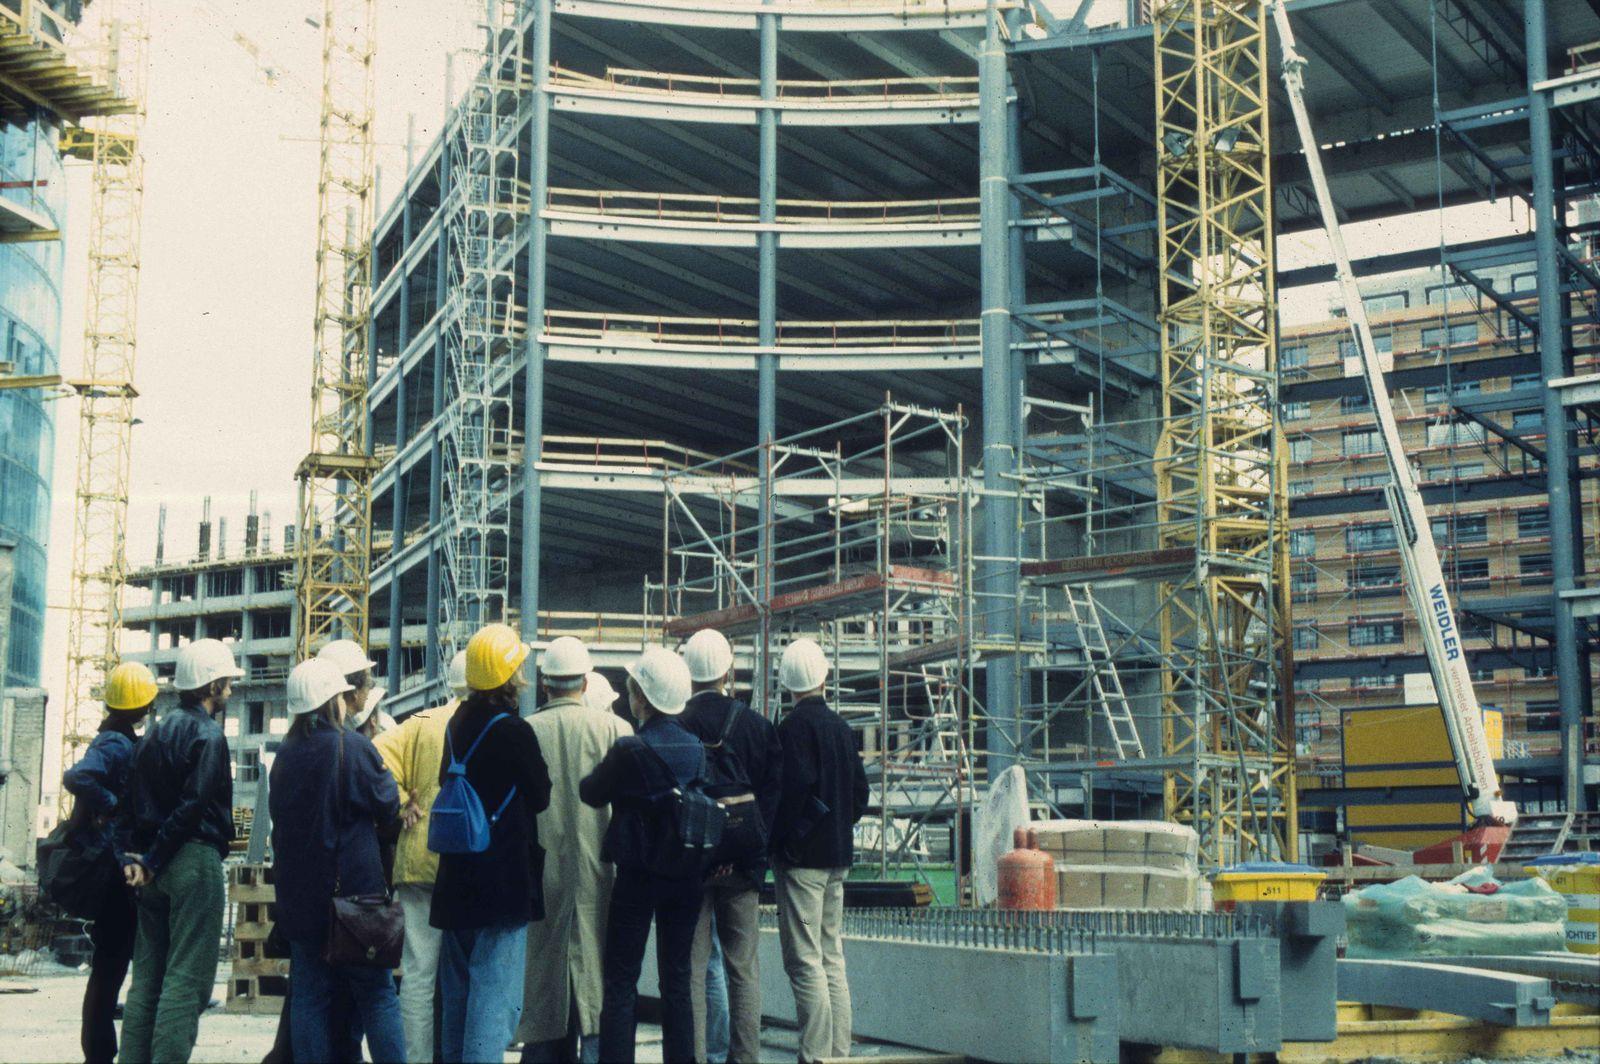 Mitarbeiter*innen der Deutschen Kinemathek auf der Baustelle des Sony Centers Berlin